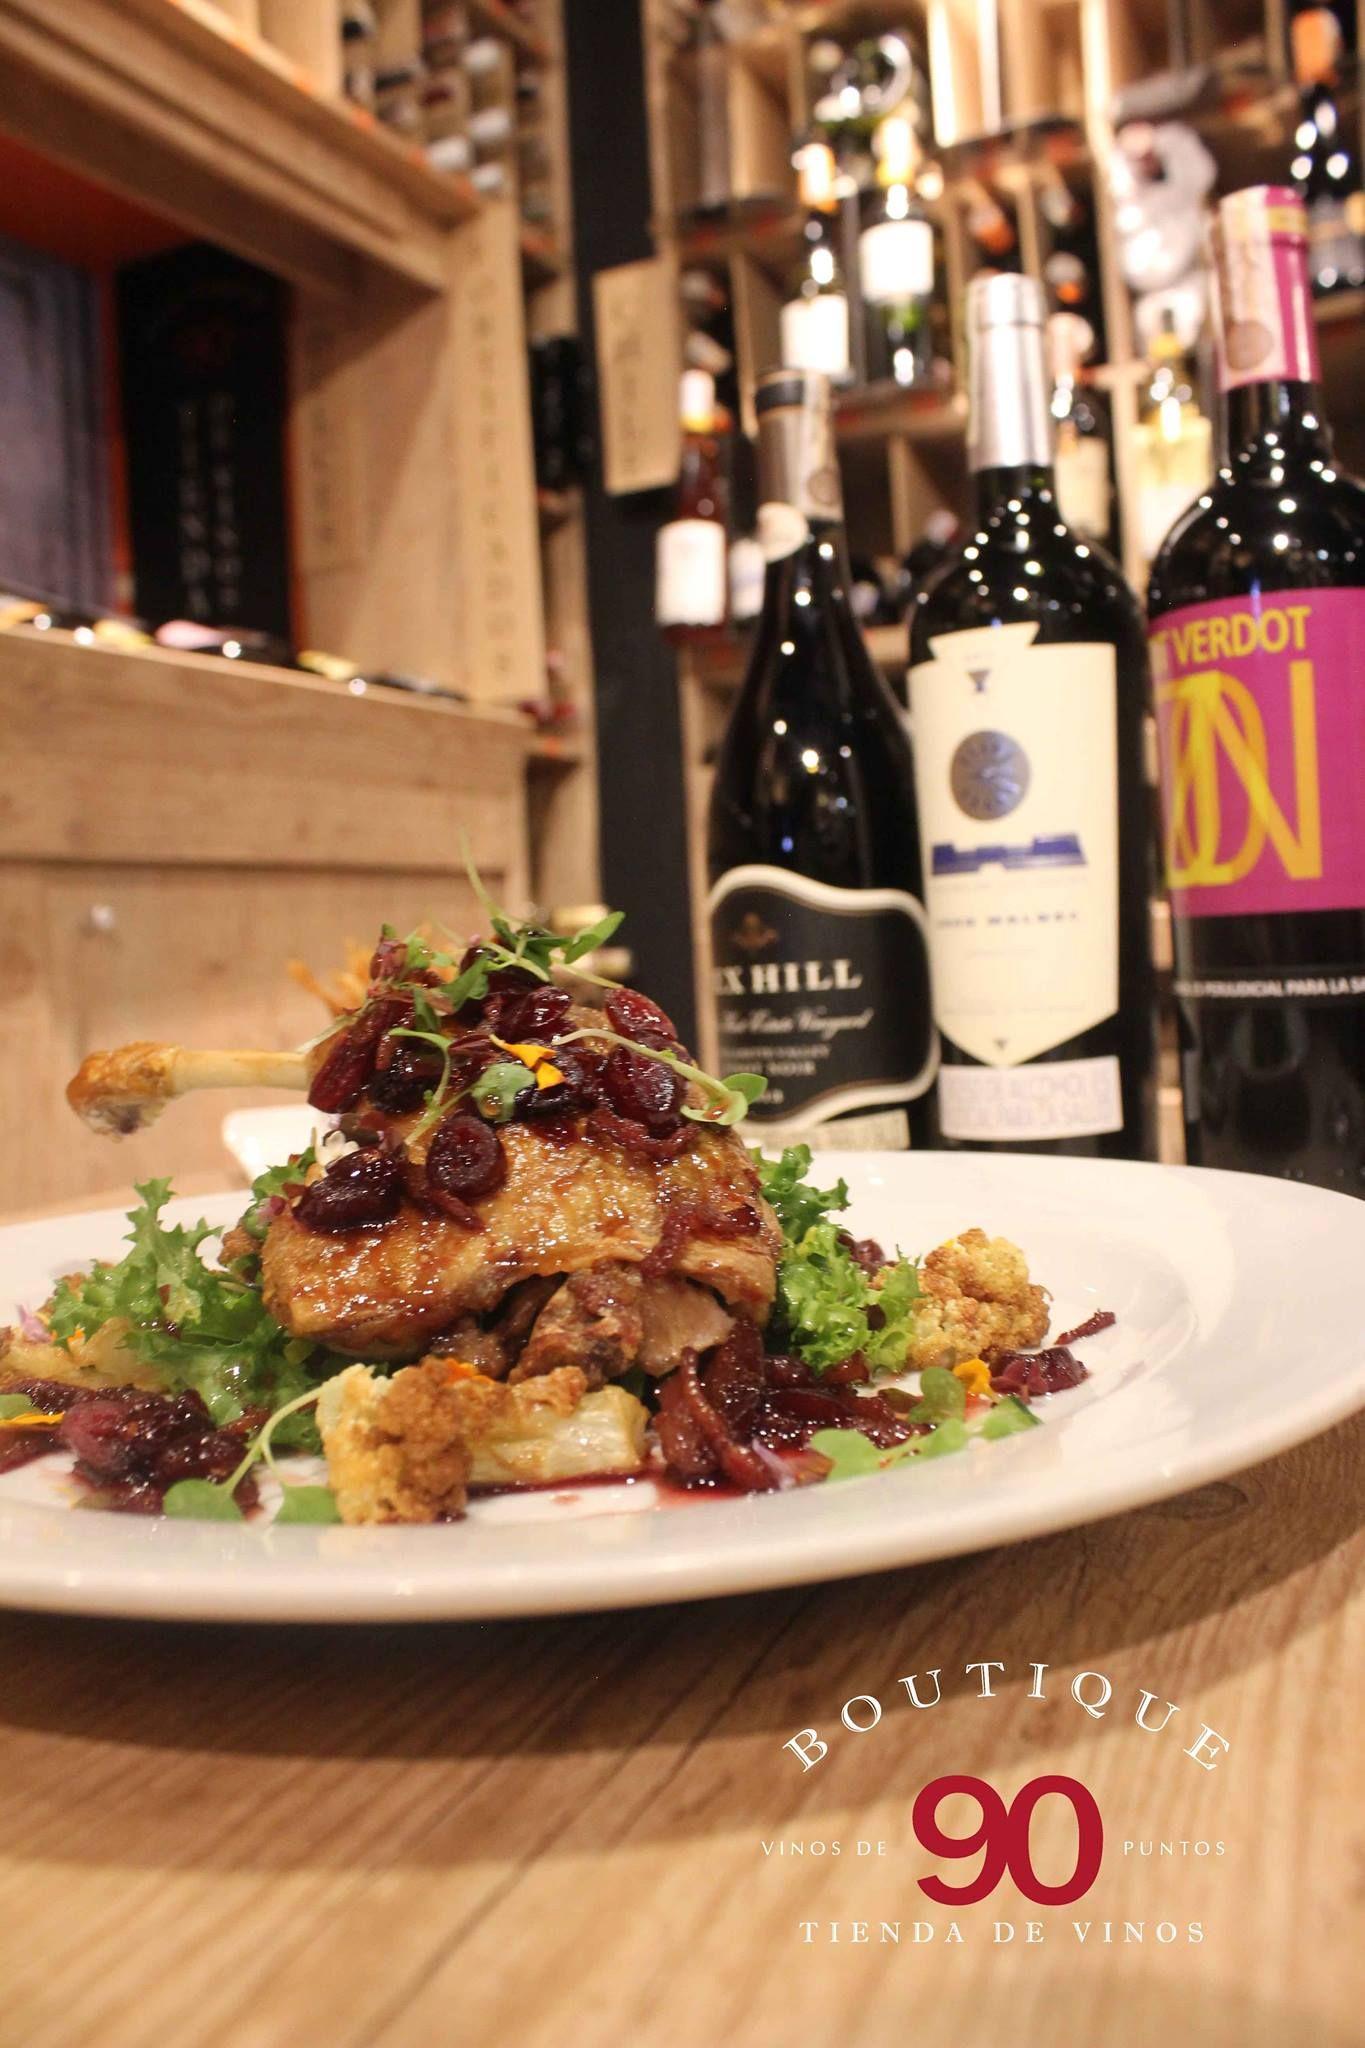 Descubra nuestra propuesta de MARIDAJE PERFECTO Somos dos destinos en uno: Restaurante y Tienda de Vinos http://daniel.com.co/boutique90/